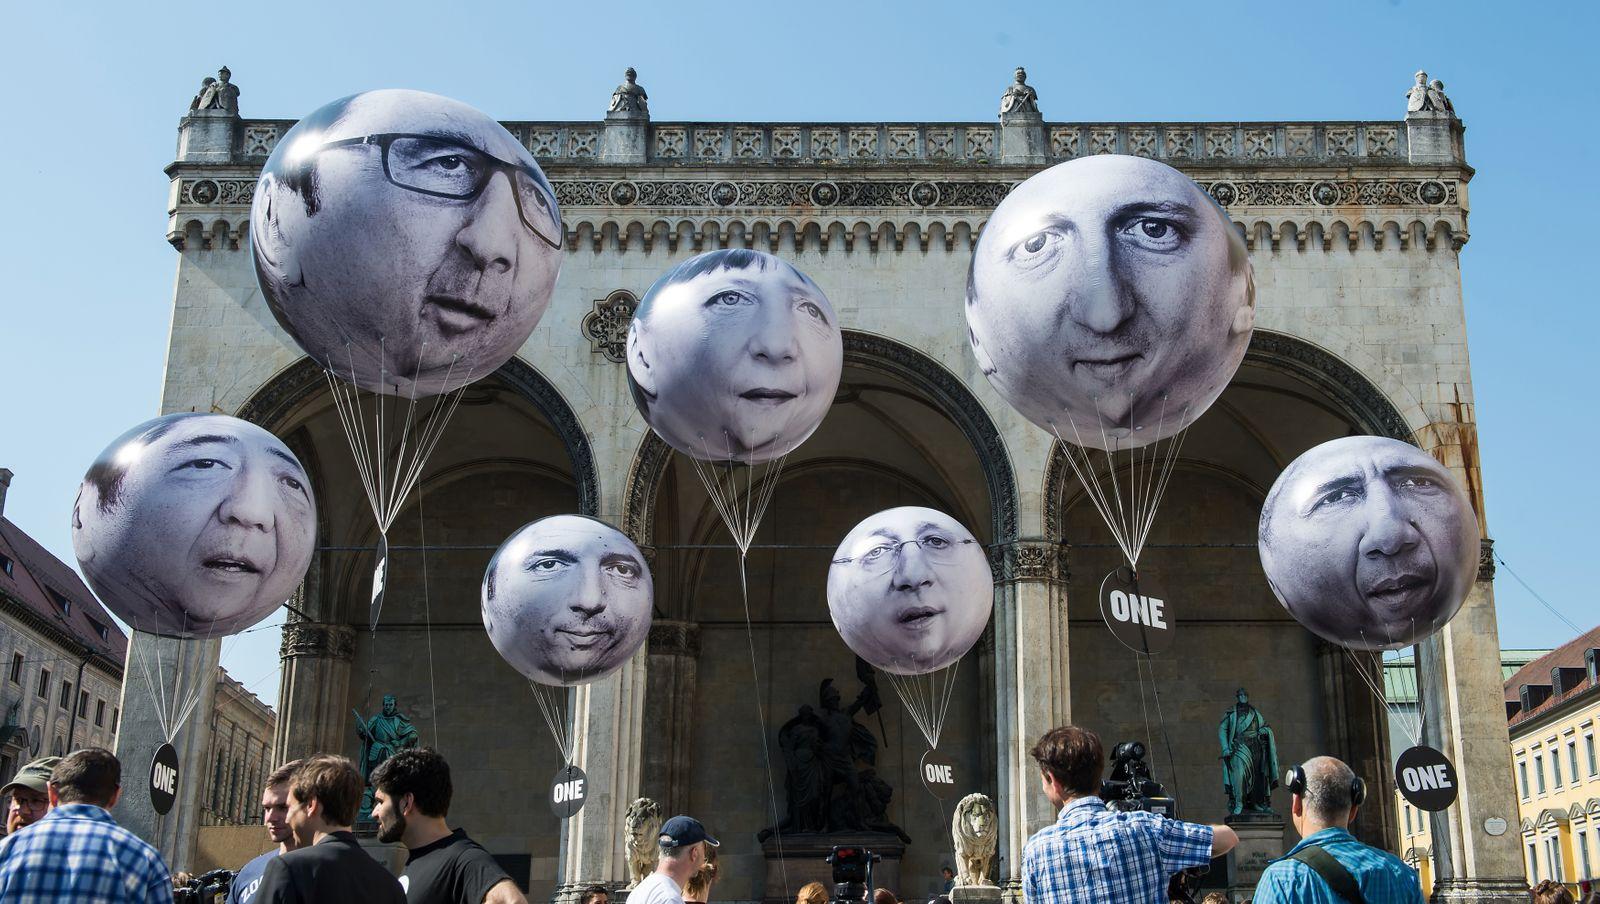 G7 / Ballons